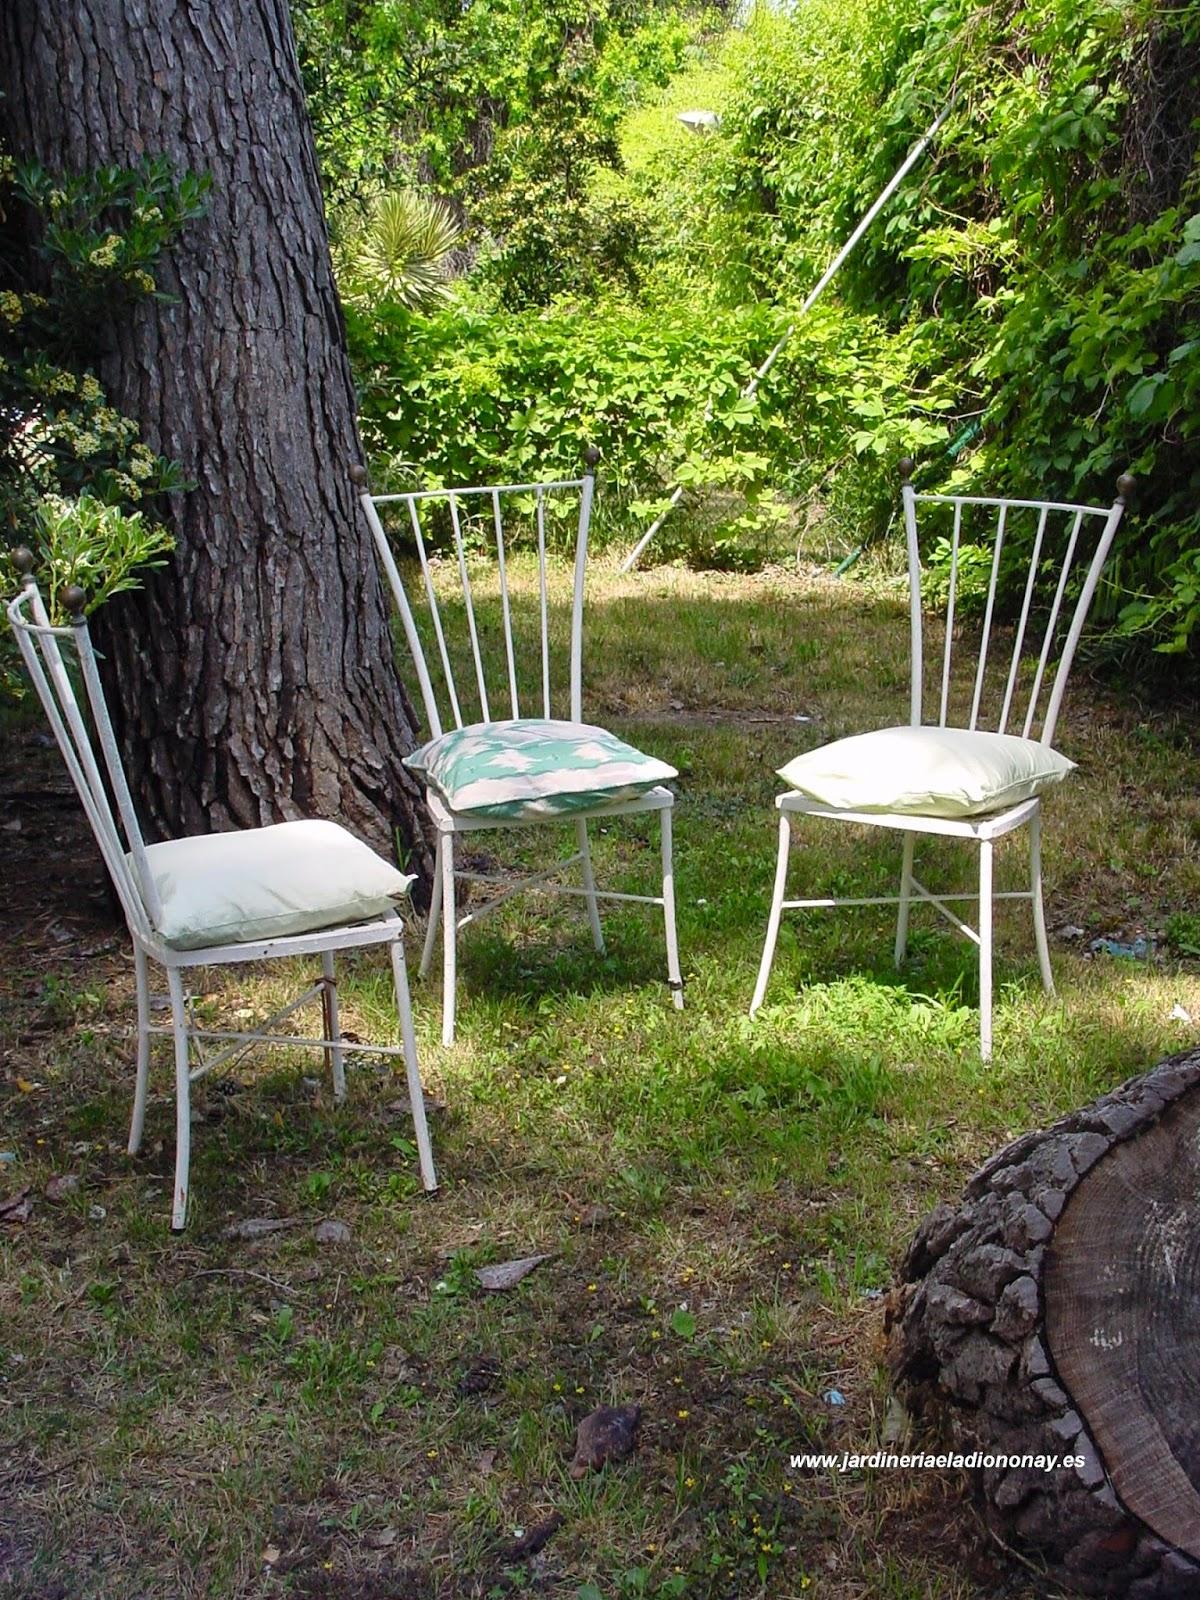 Jardineria eladio nonay mobiliario sencillo para jard n - Jardineria eladio nonay ...